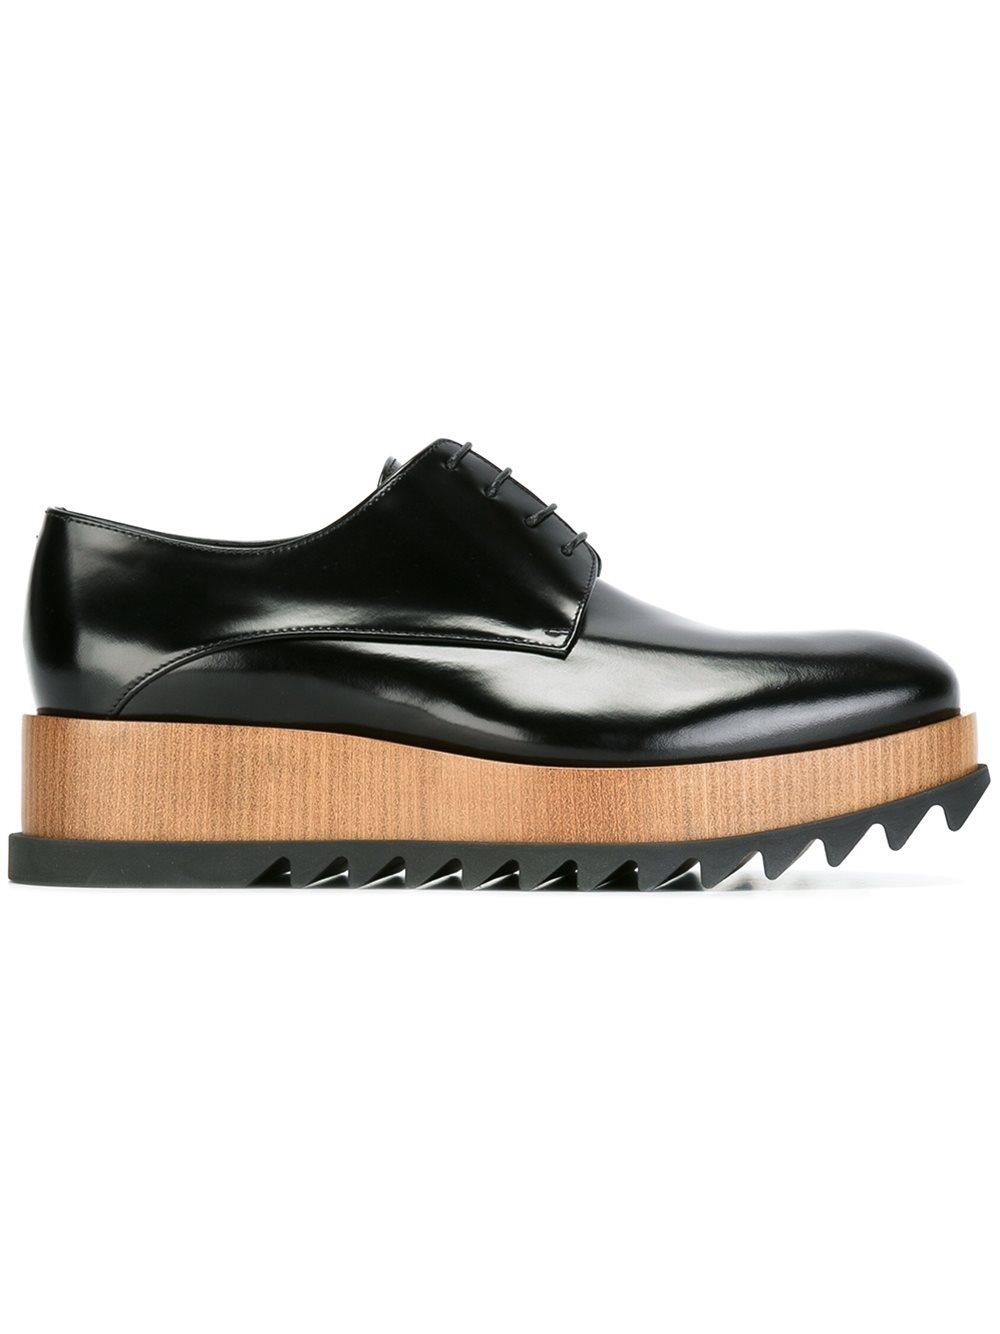 jil sander platform oxford shoes in black lyst